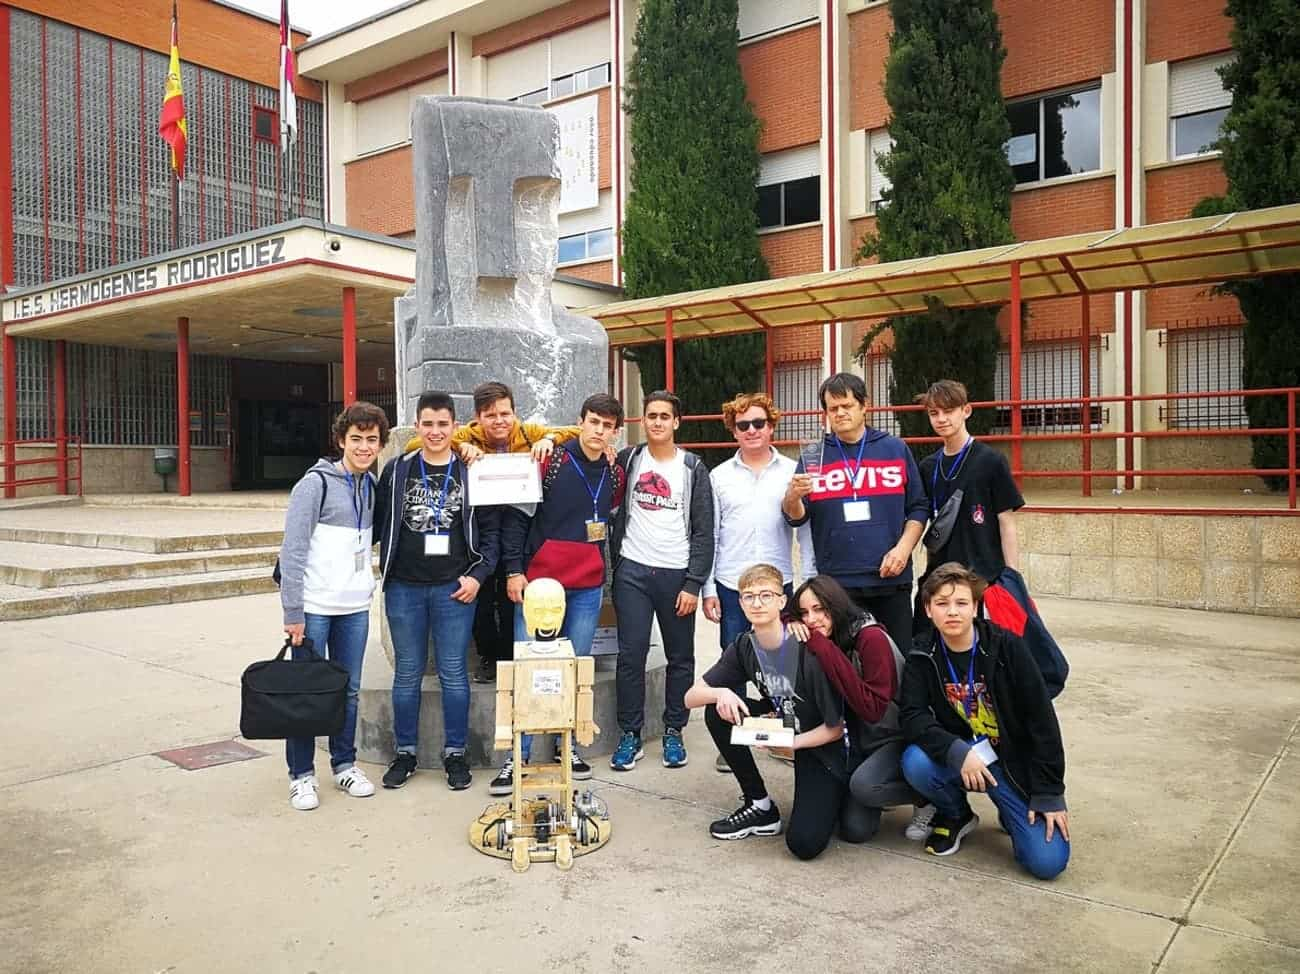 Nuevos triunfos del equipo de robótica del IES Hermógenes Rodríguez 19